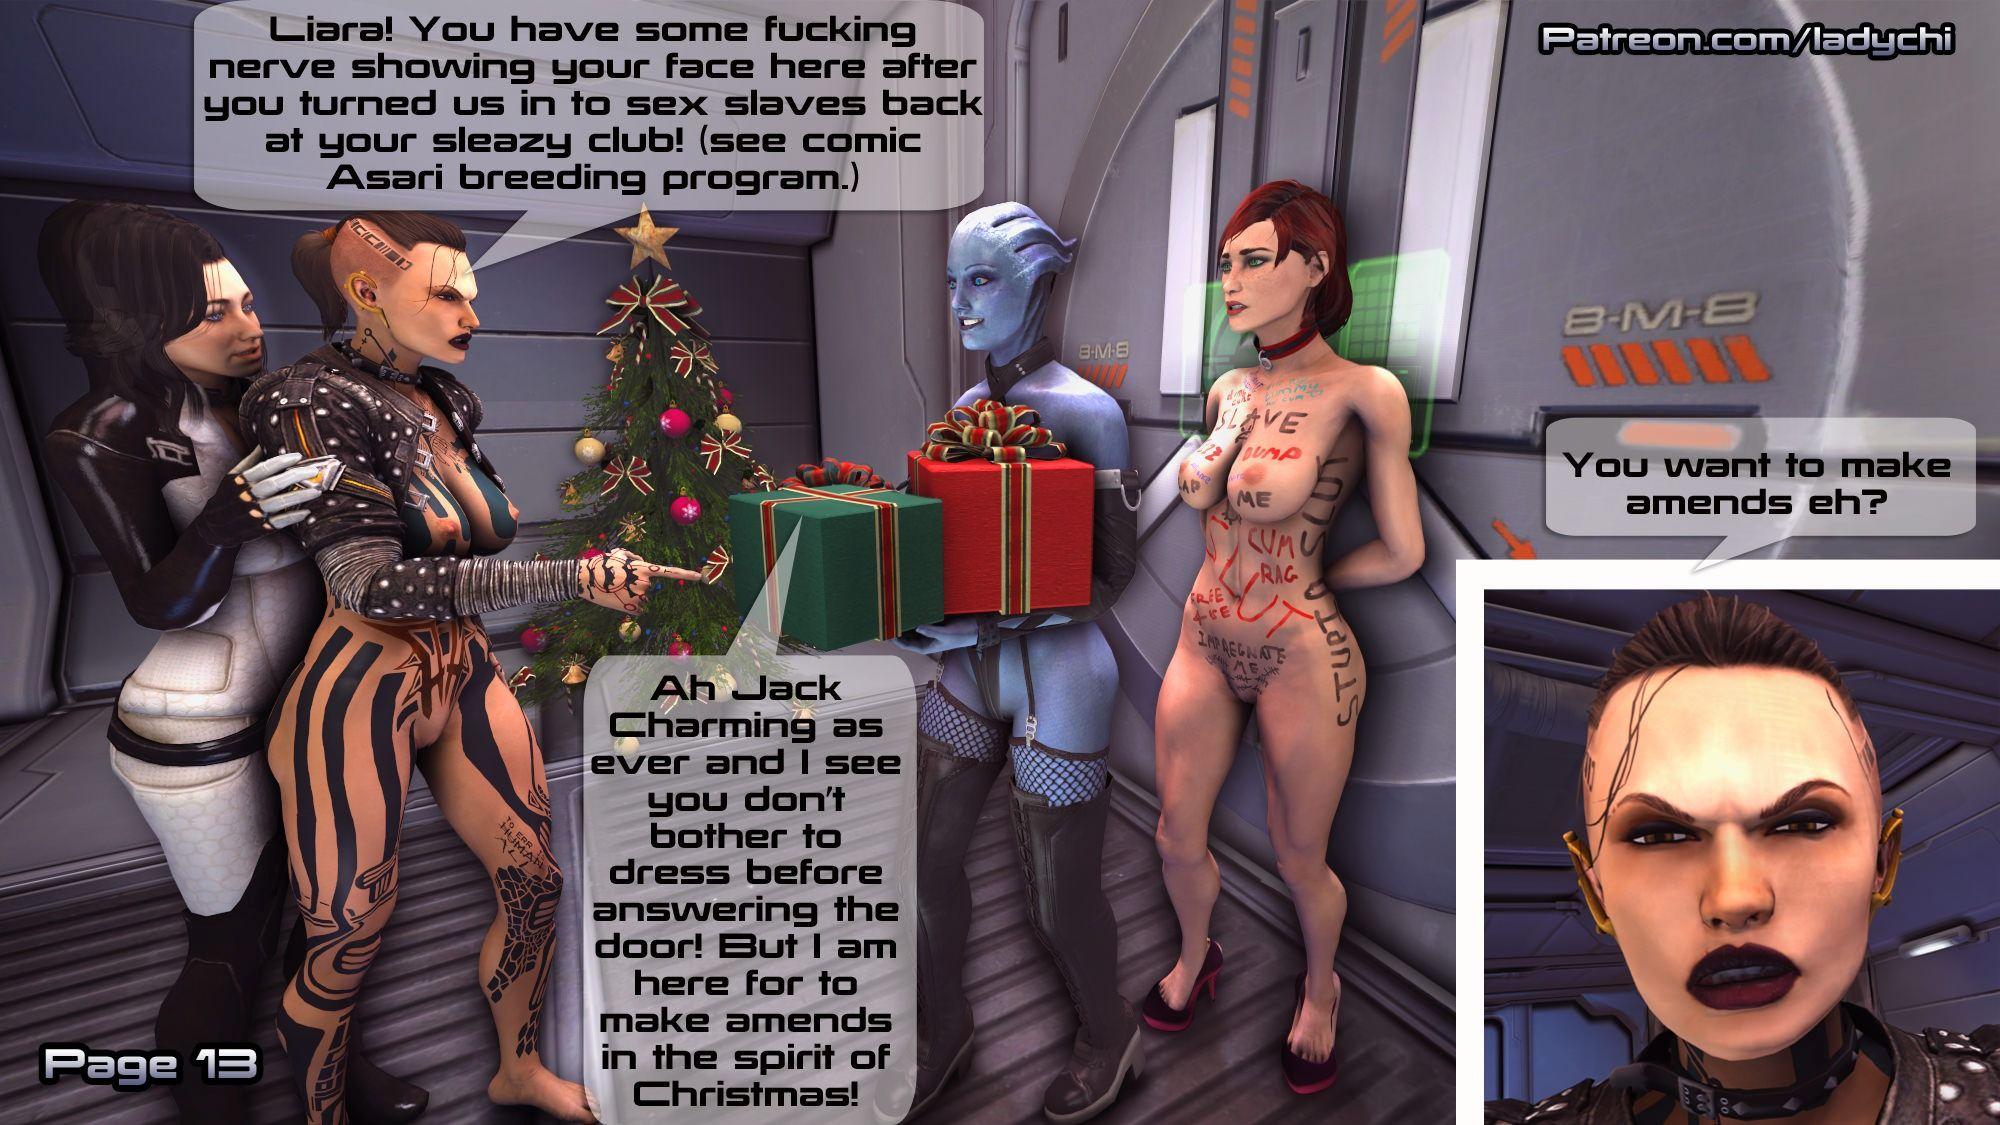 Liara_X-Mass_Gifts!_Ladychi_(Mass_Effect) comix_57929.jpg